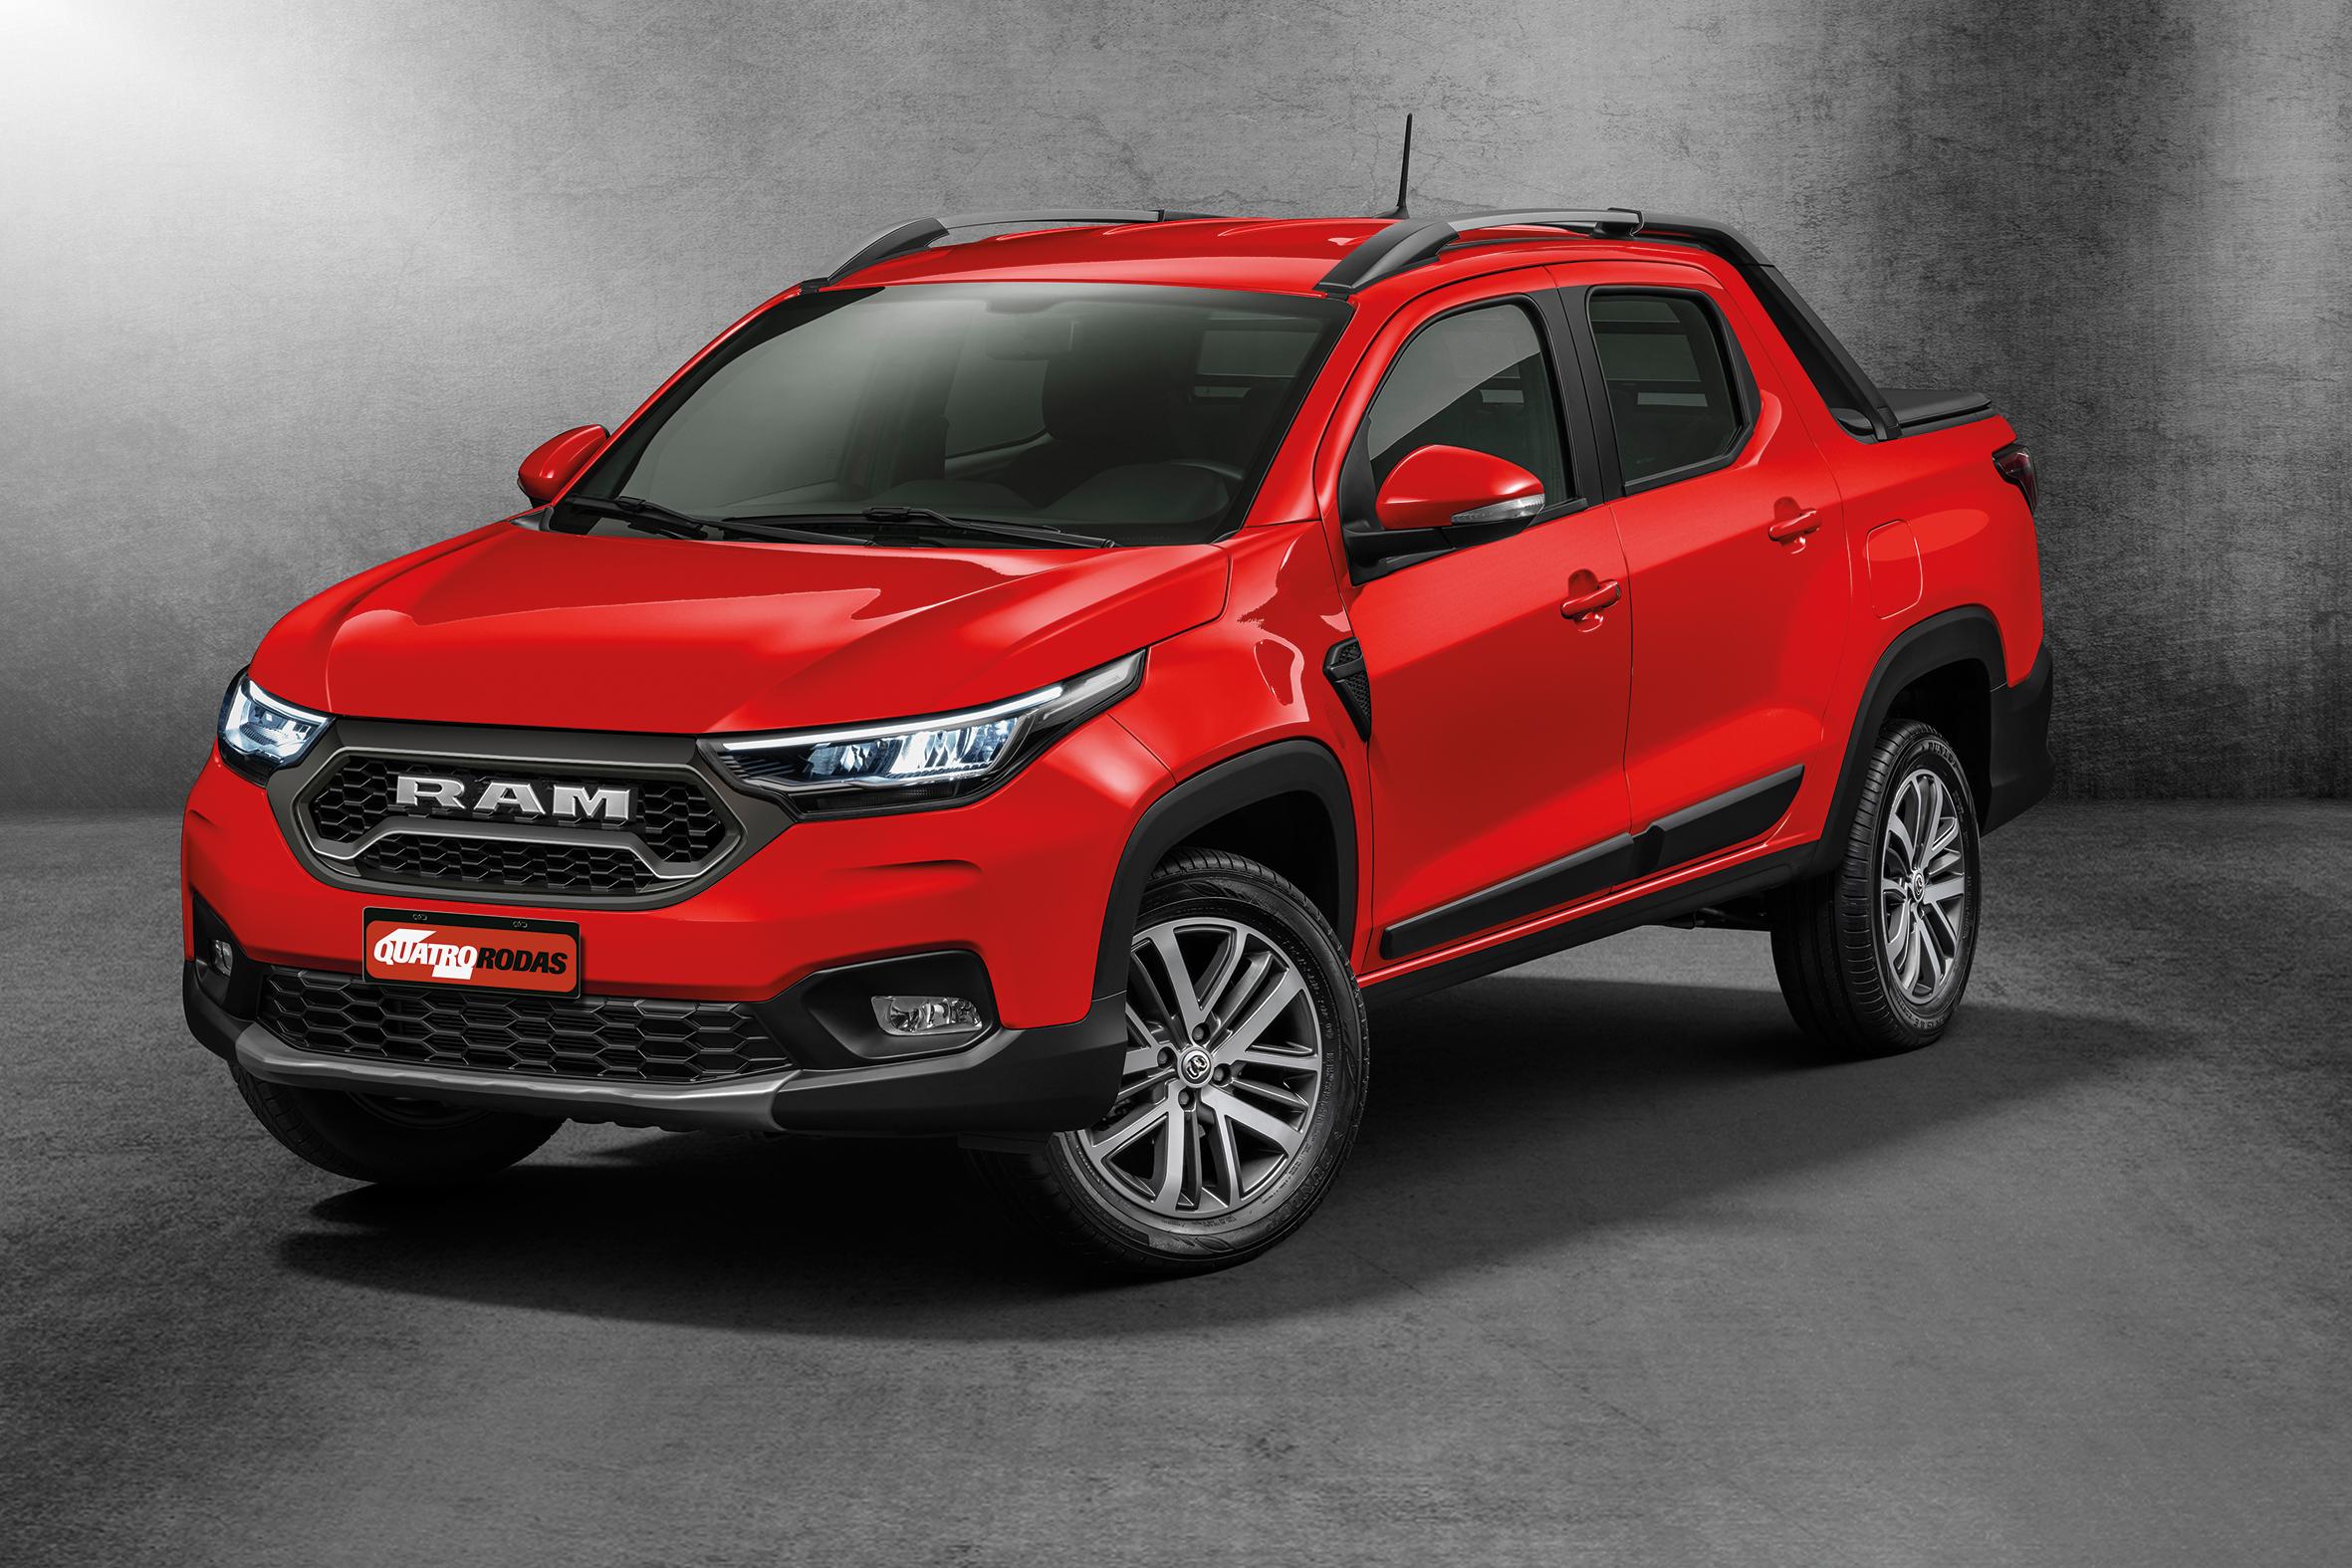 Nova Ram 700 é nossa Fiat Strada para gringos e terá até grade exclusiva